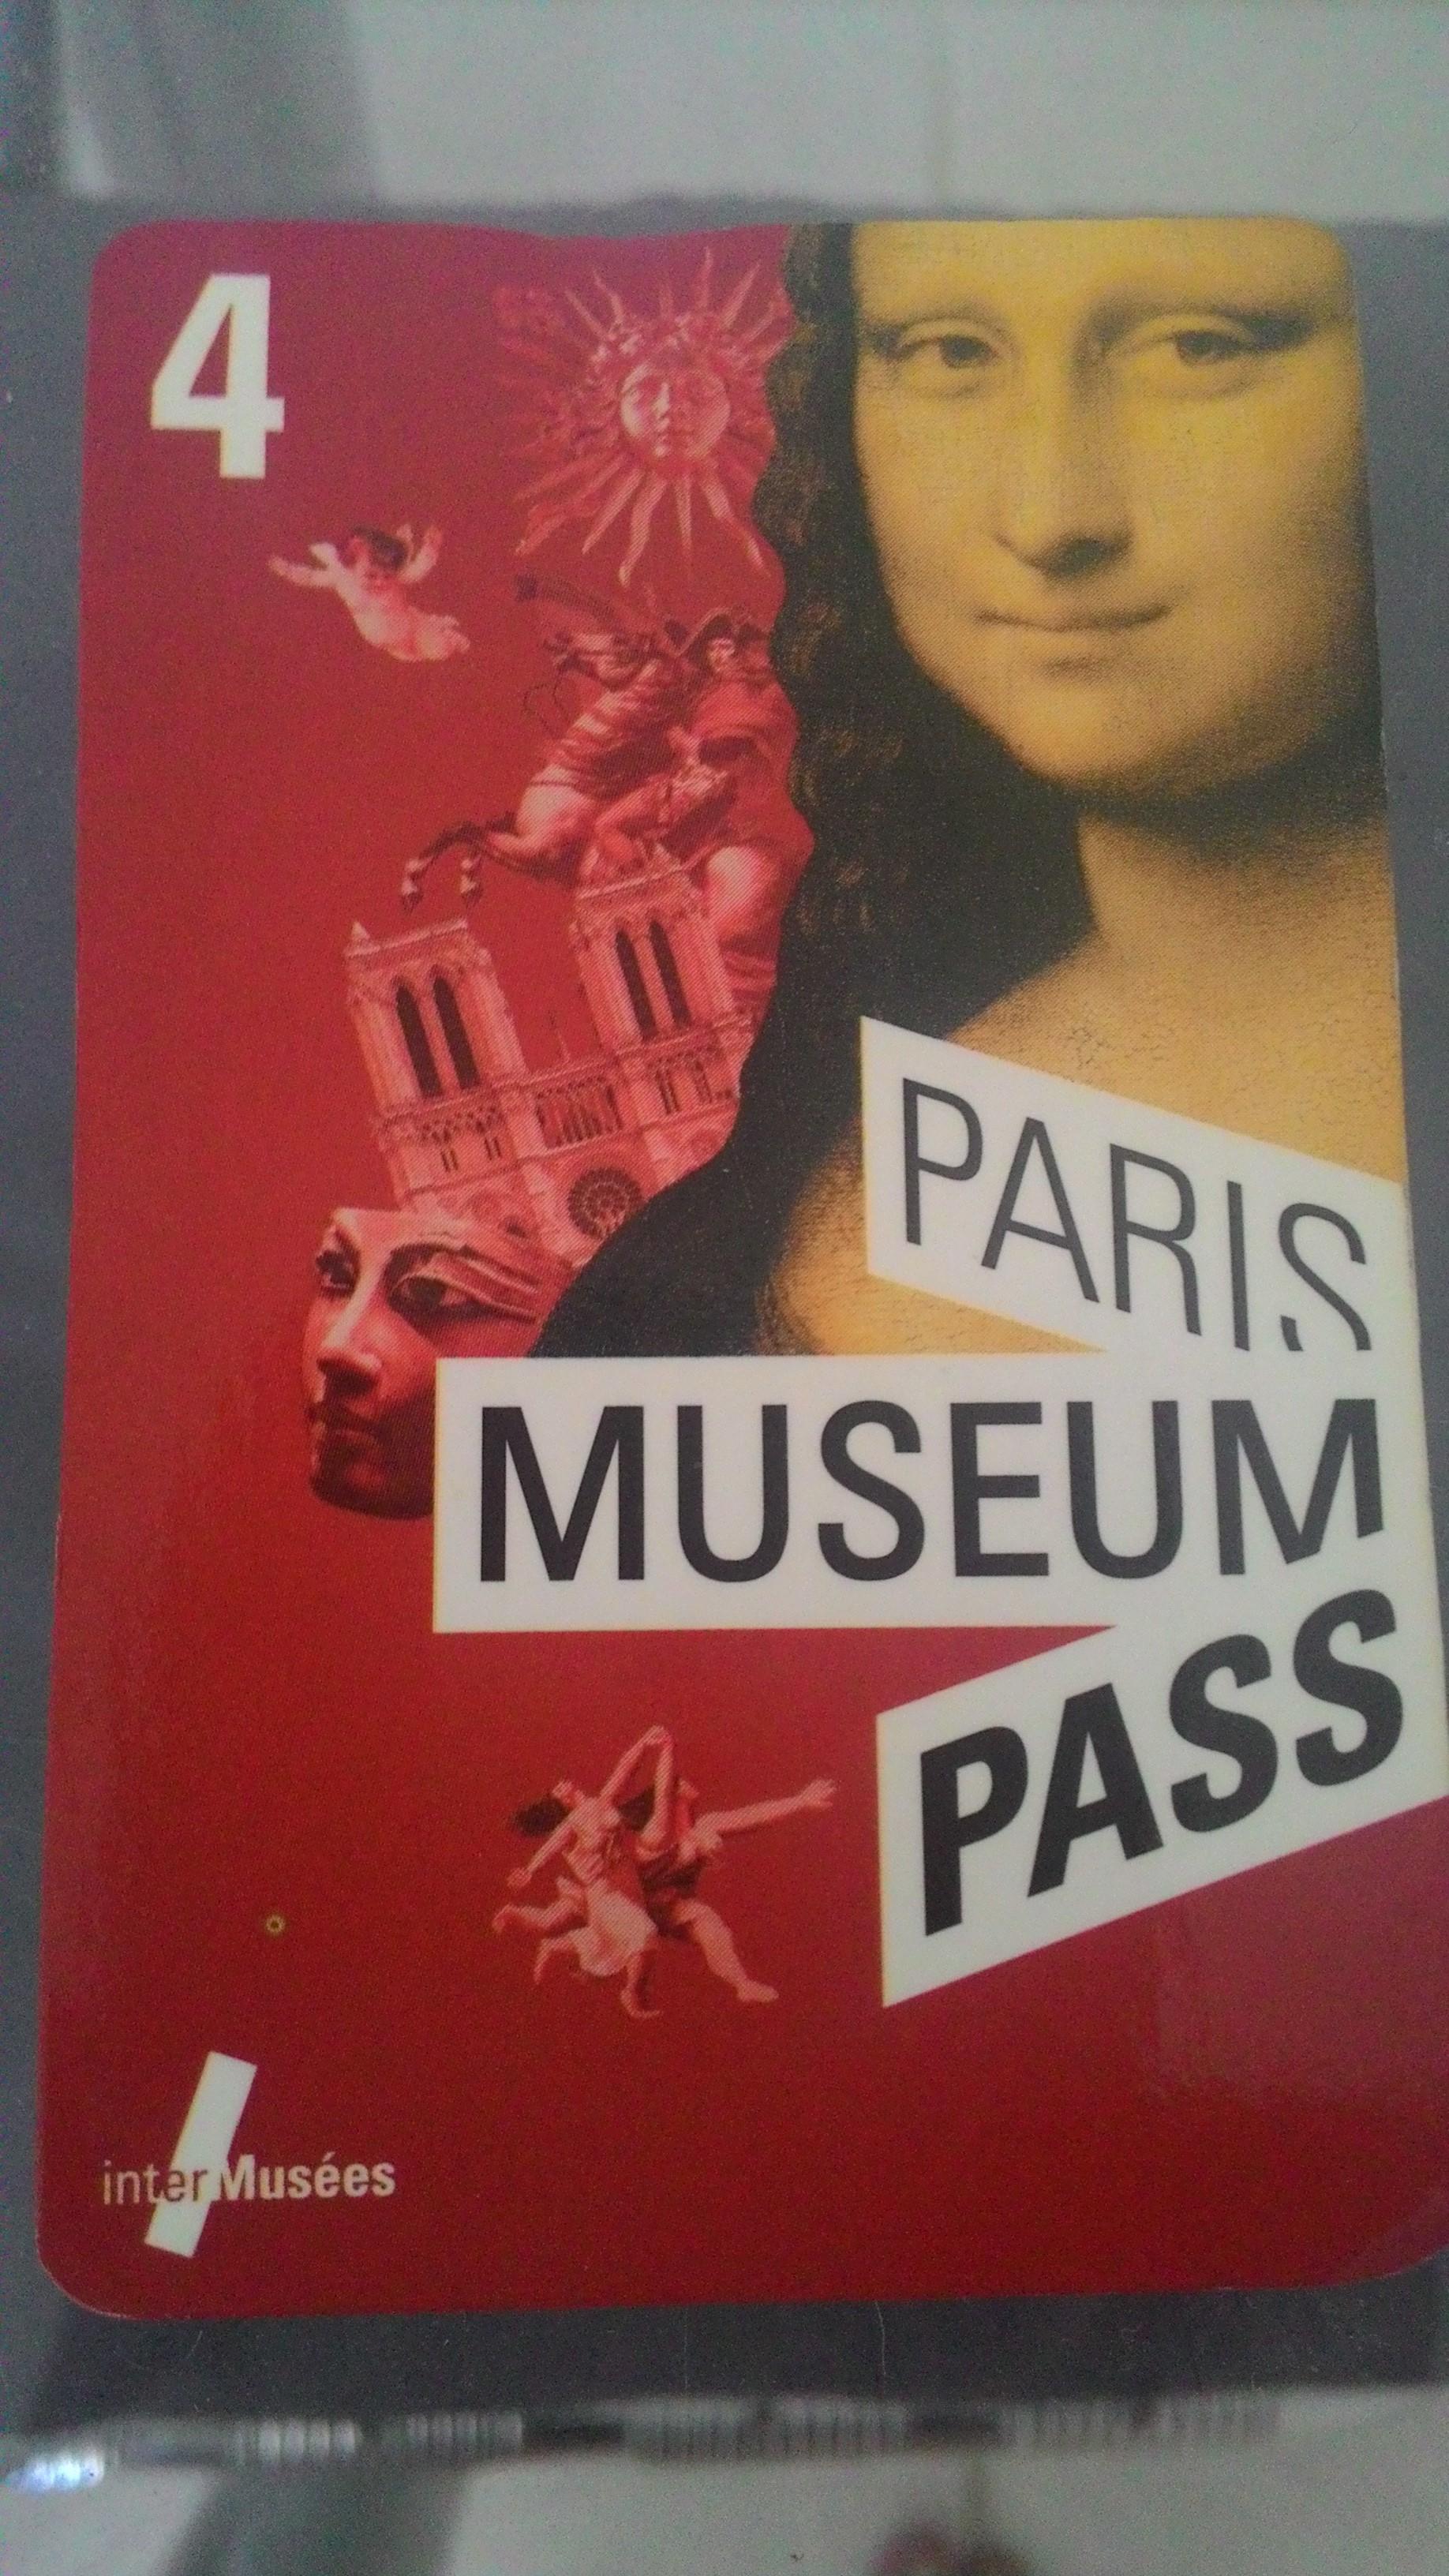 Paris Pass Museum: vale a pena?